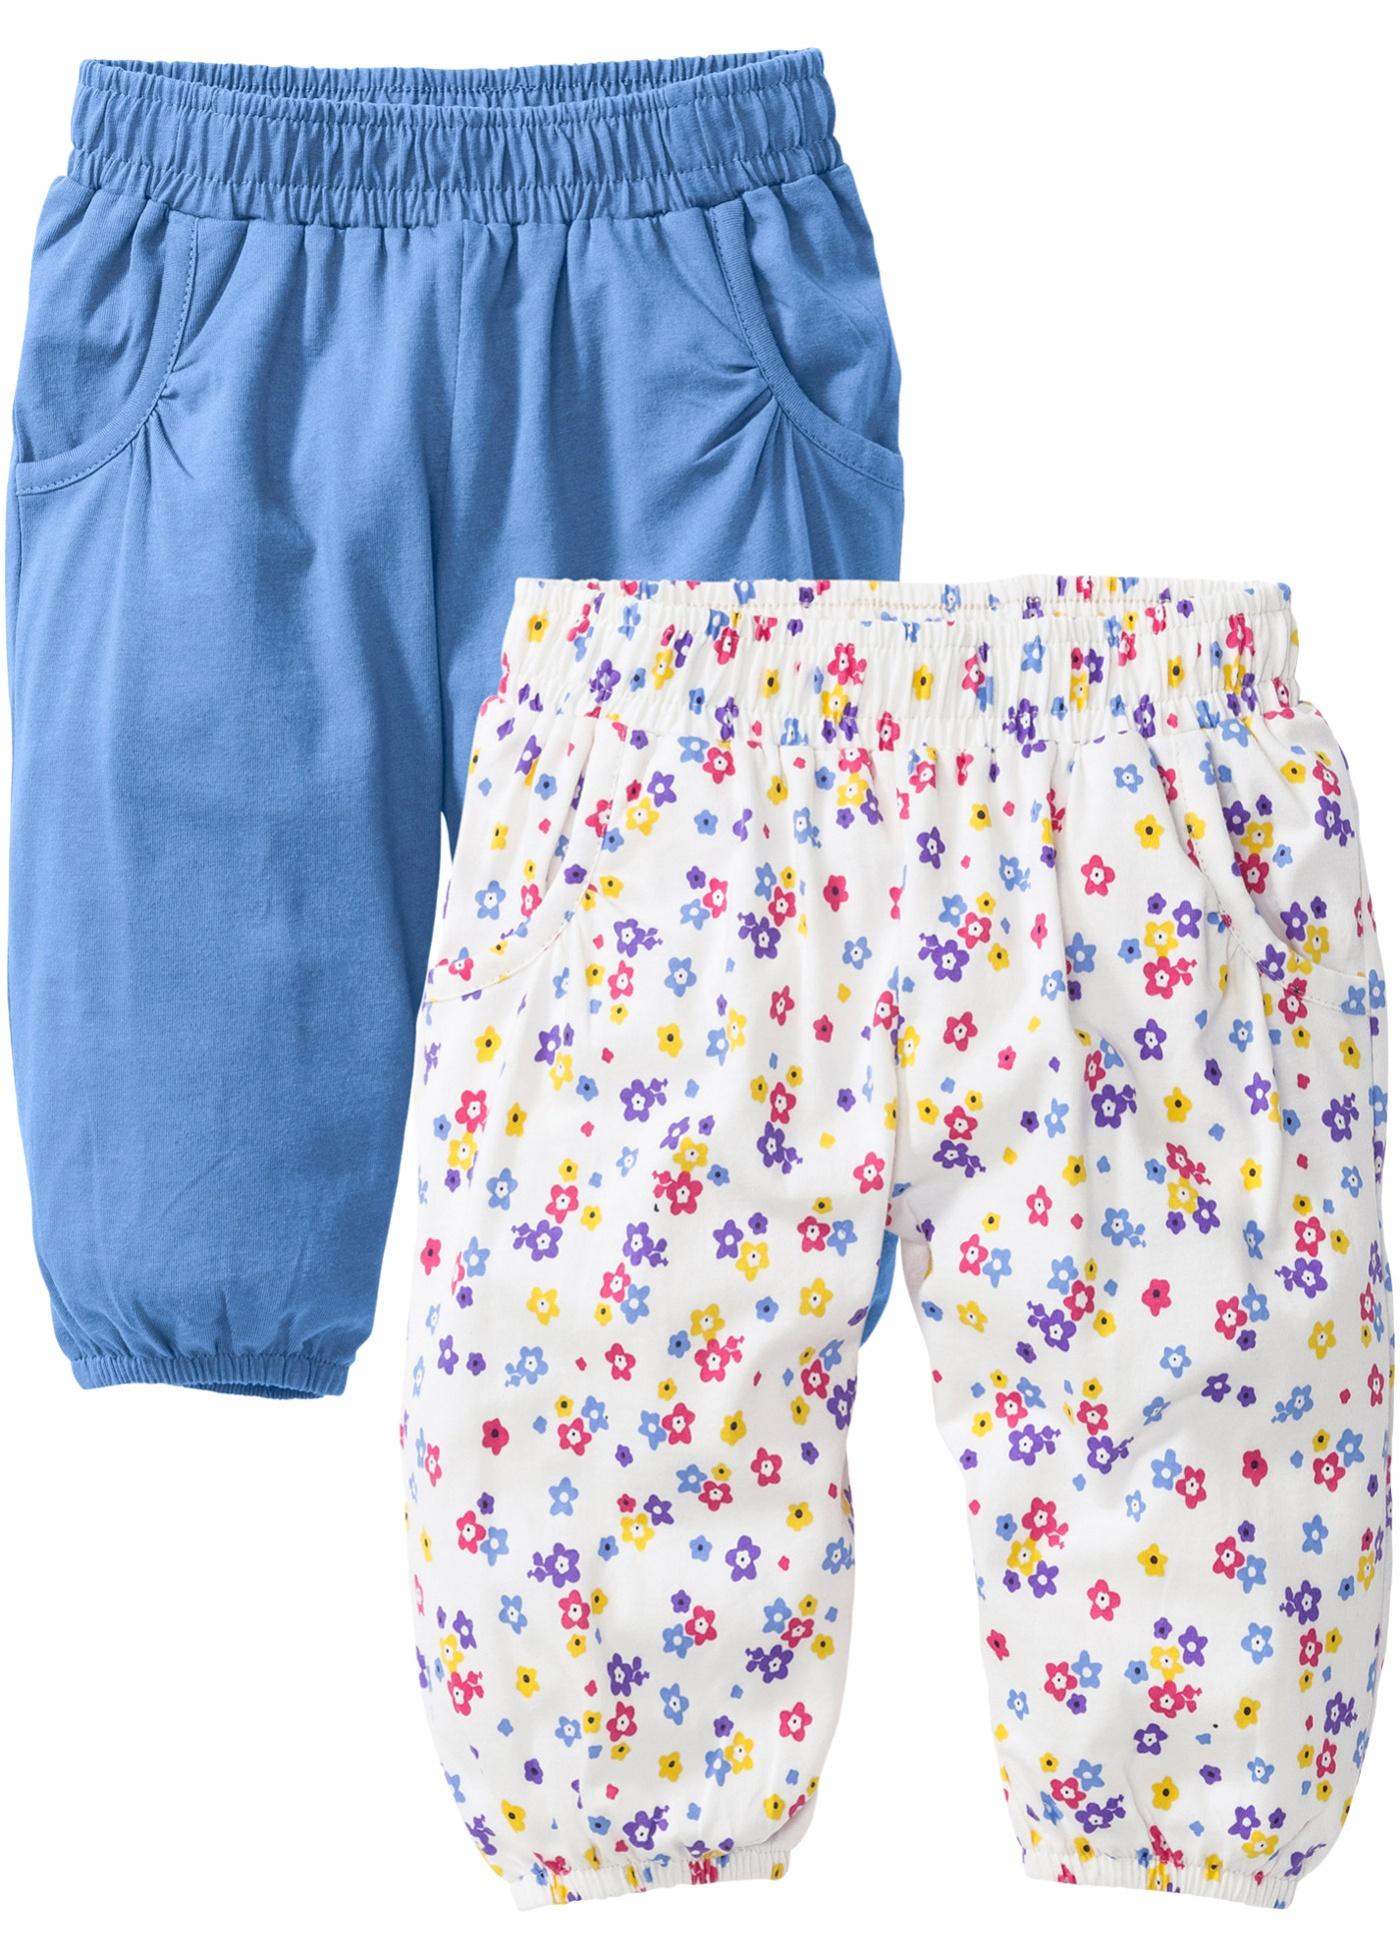 Lot de 2 pantalons sarouel bébé en coton bio,...